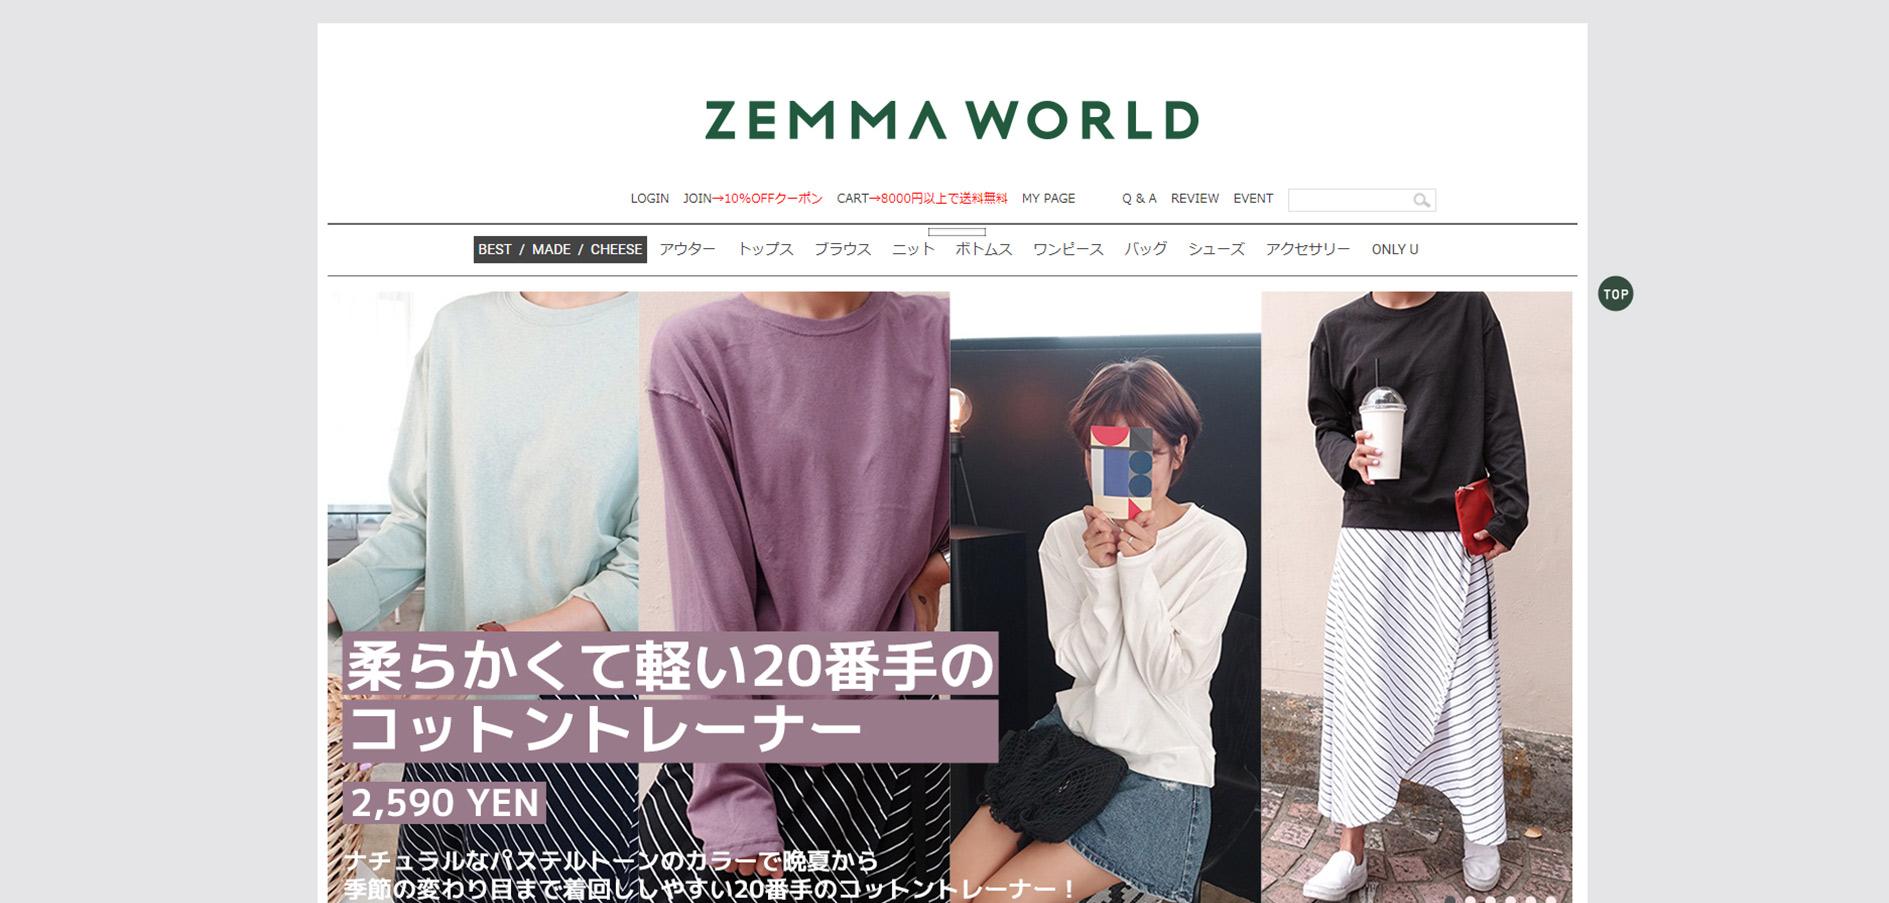 30代におすすめな韓国ファッション通販サイトのZEMMAWORLD(ジェマワールド)